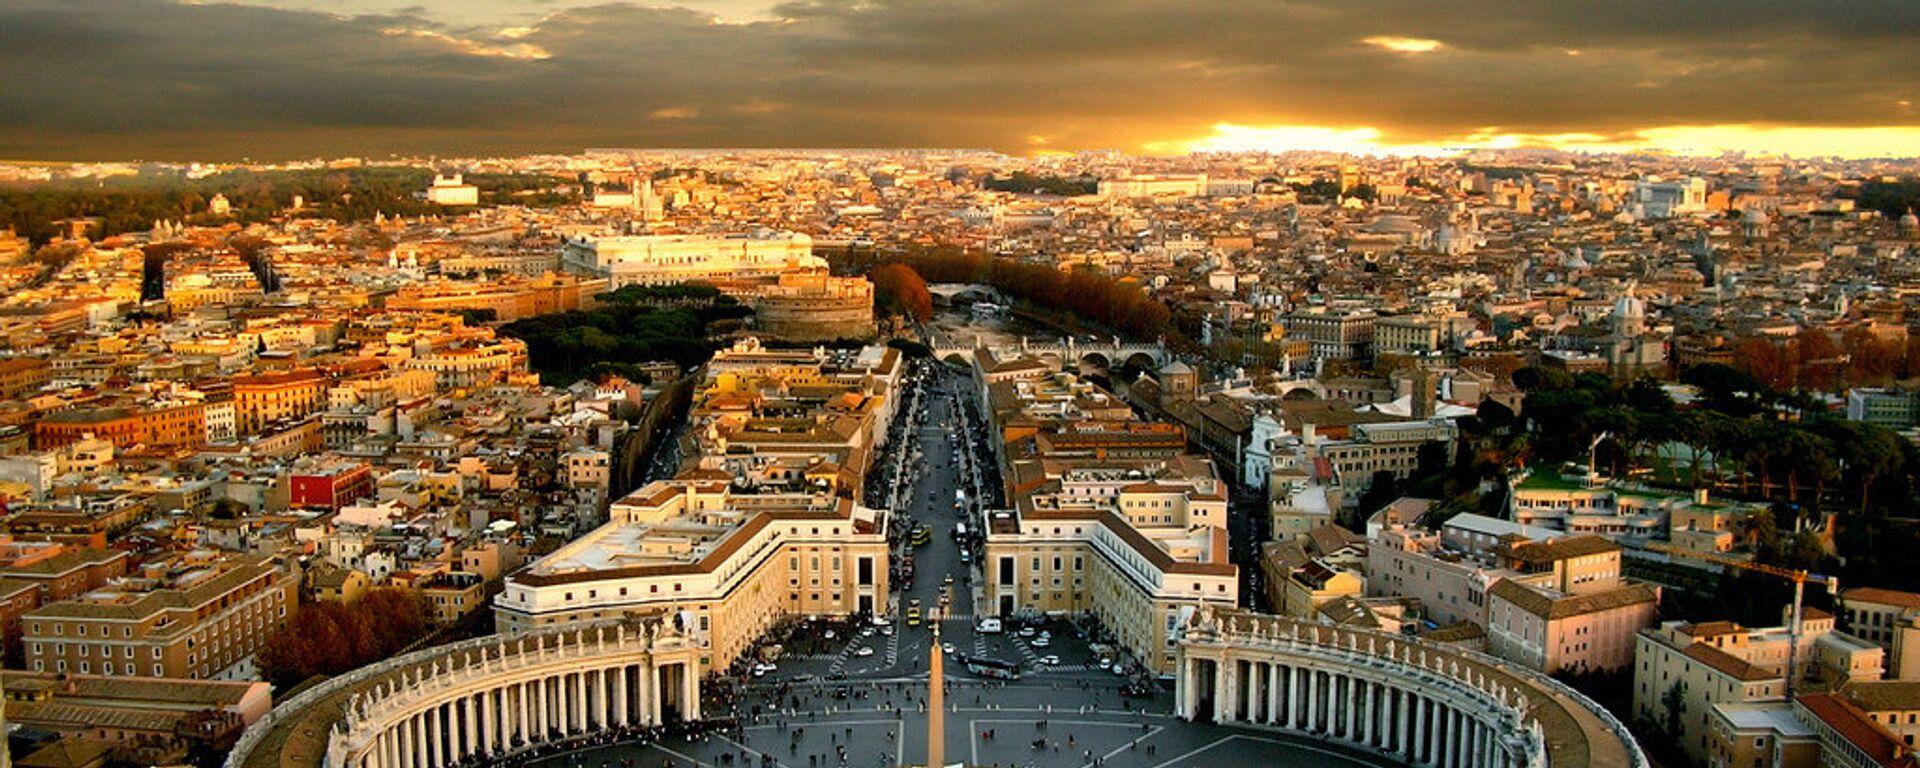 Vaticano - Sputnik Italia, 1920, 24.03.2021